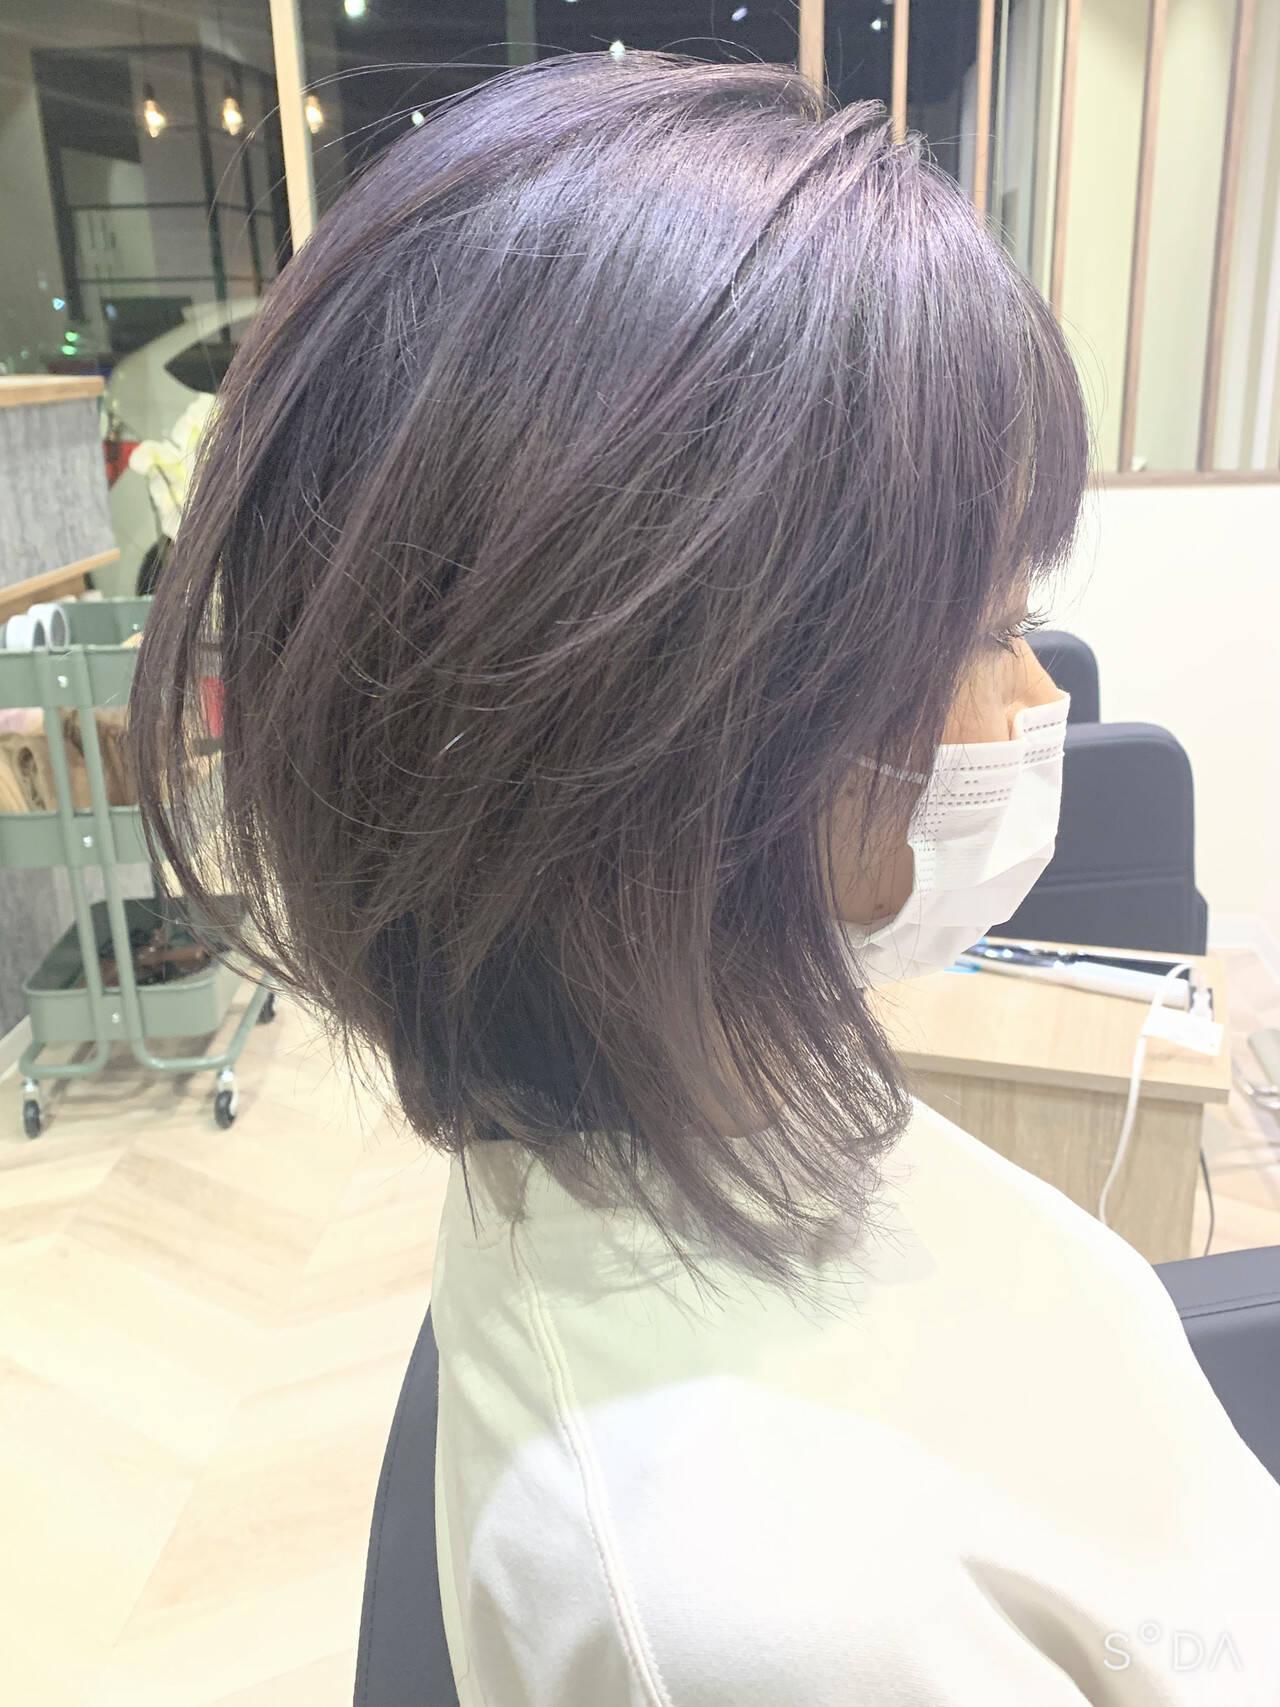 ラベンダーグレージュ フェミニン グレーアッシュ ミディアムヘアスタイルや髪型の写真・画像